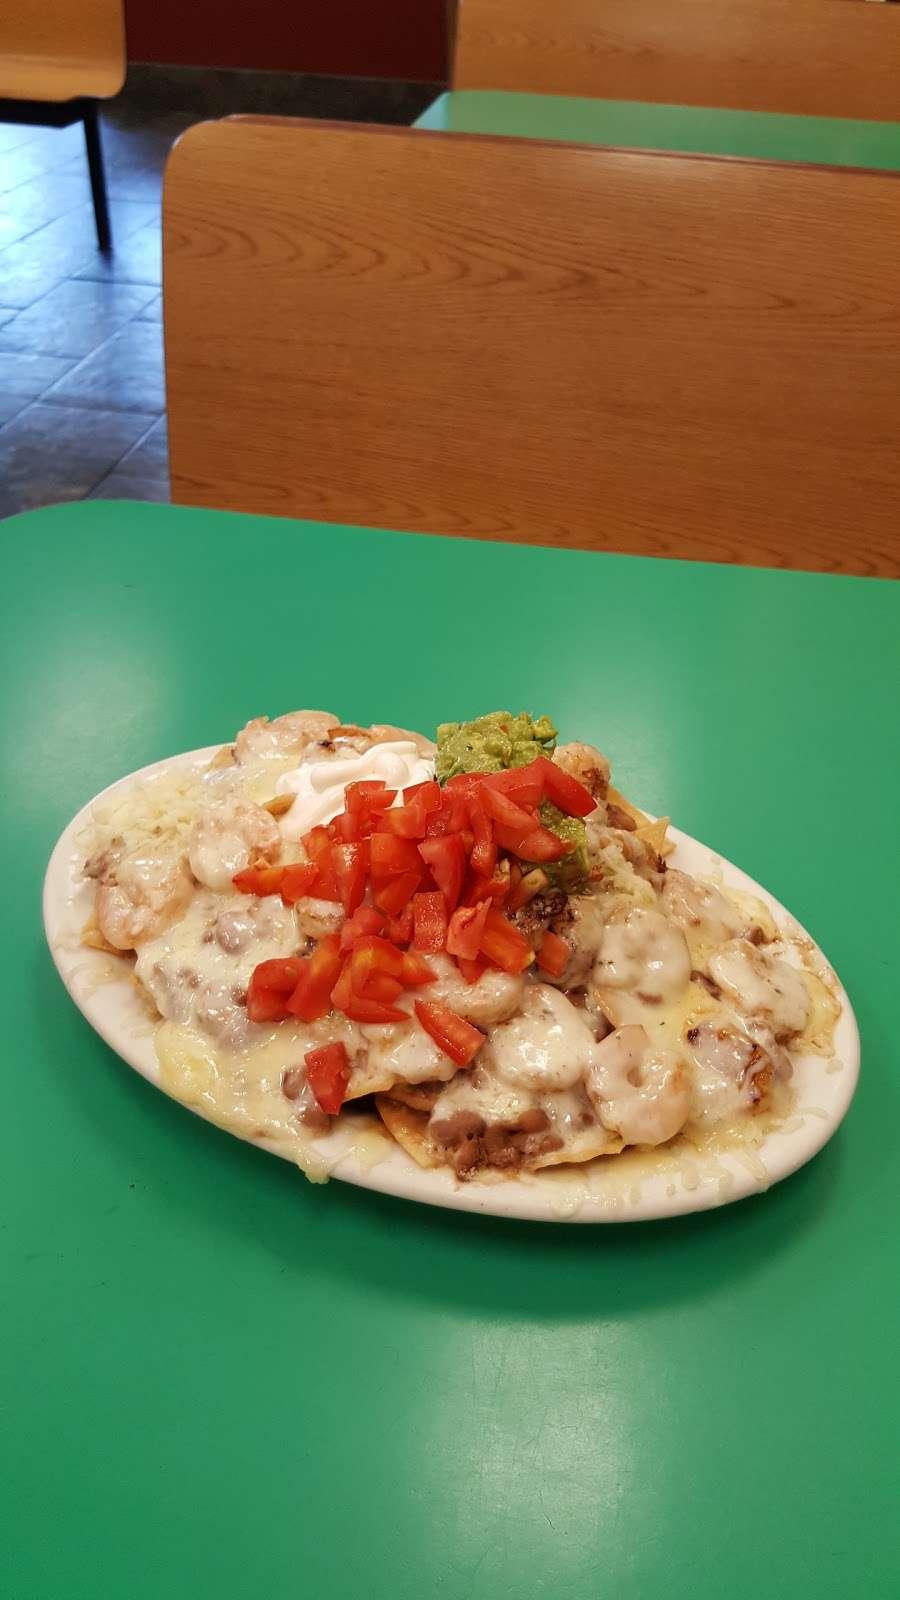 Mannys El Taco De Mexico - restaurant  | Photo 6 of 10 | Address: 1038 E Avenida De Los Arboles, Thousand Oaks, CA 91360, USA | Phone: (805) 492-4709